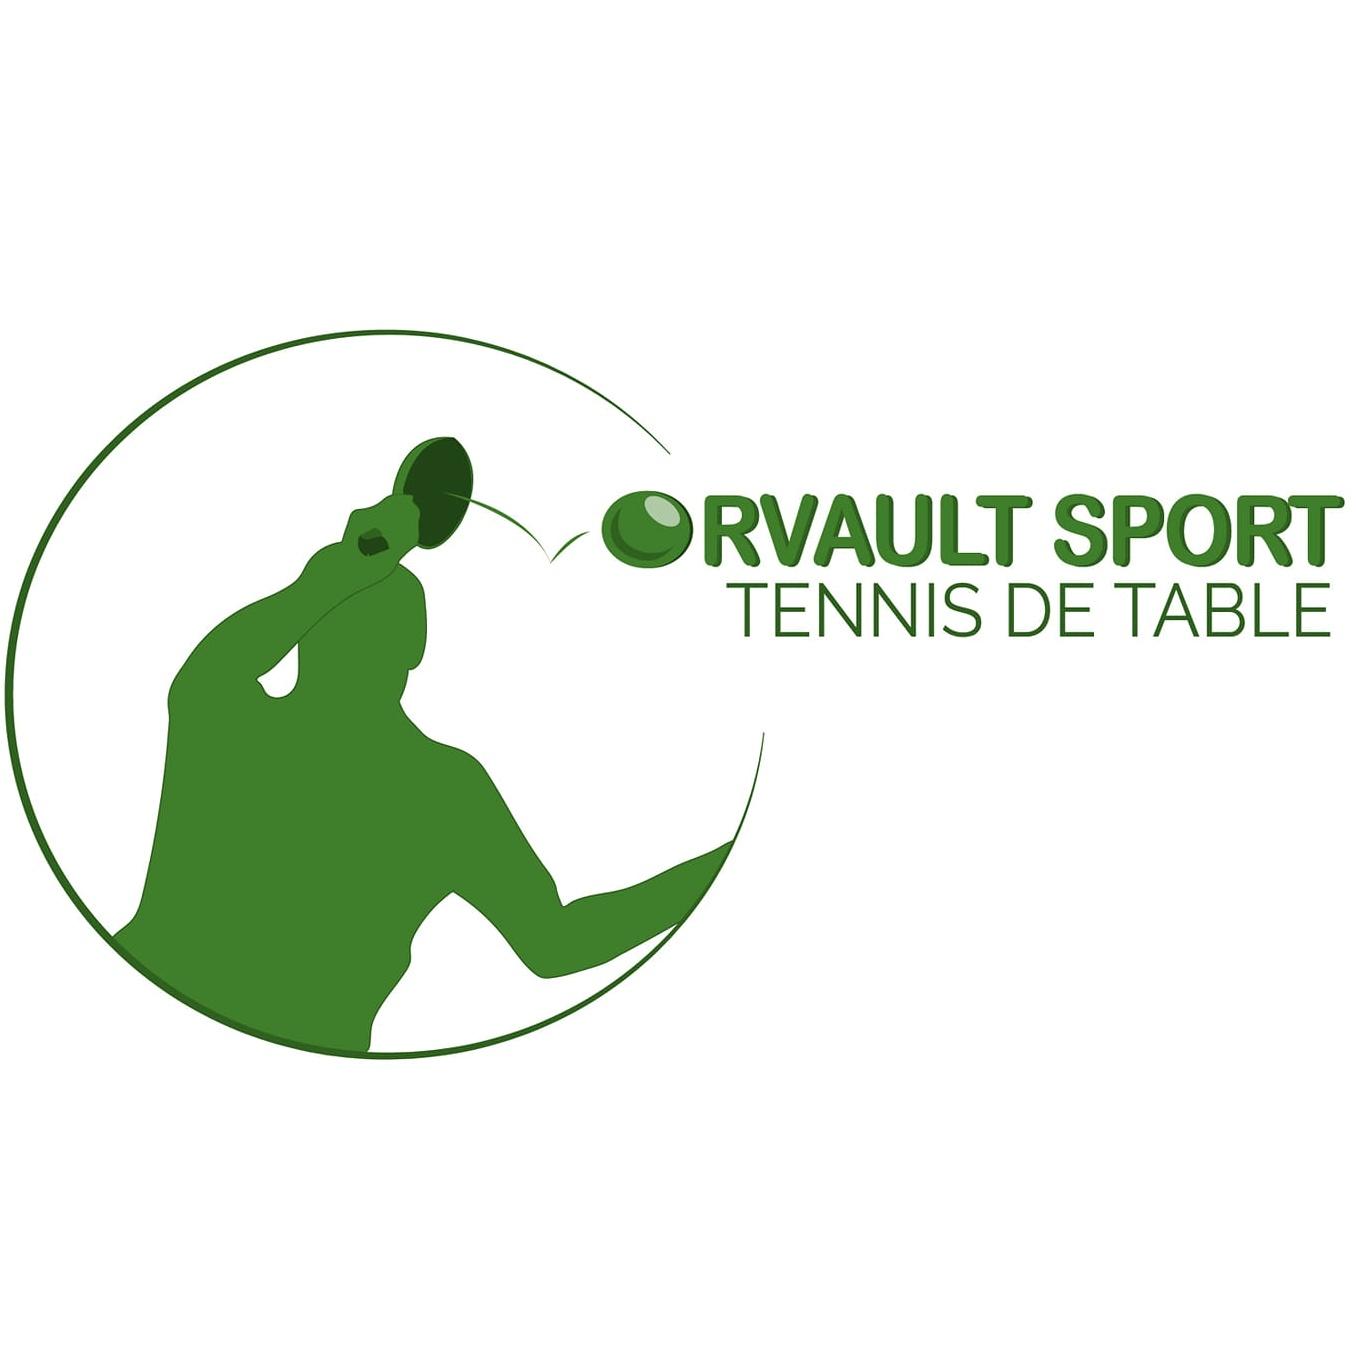 Focus sur nos partenaires : Orvault Sport Tennis de table